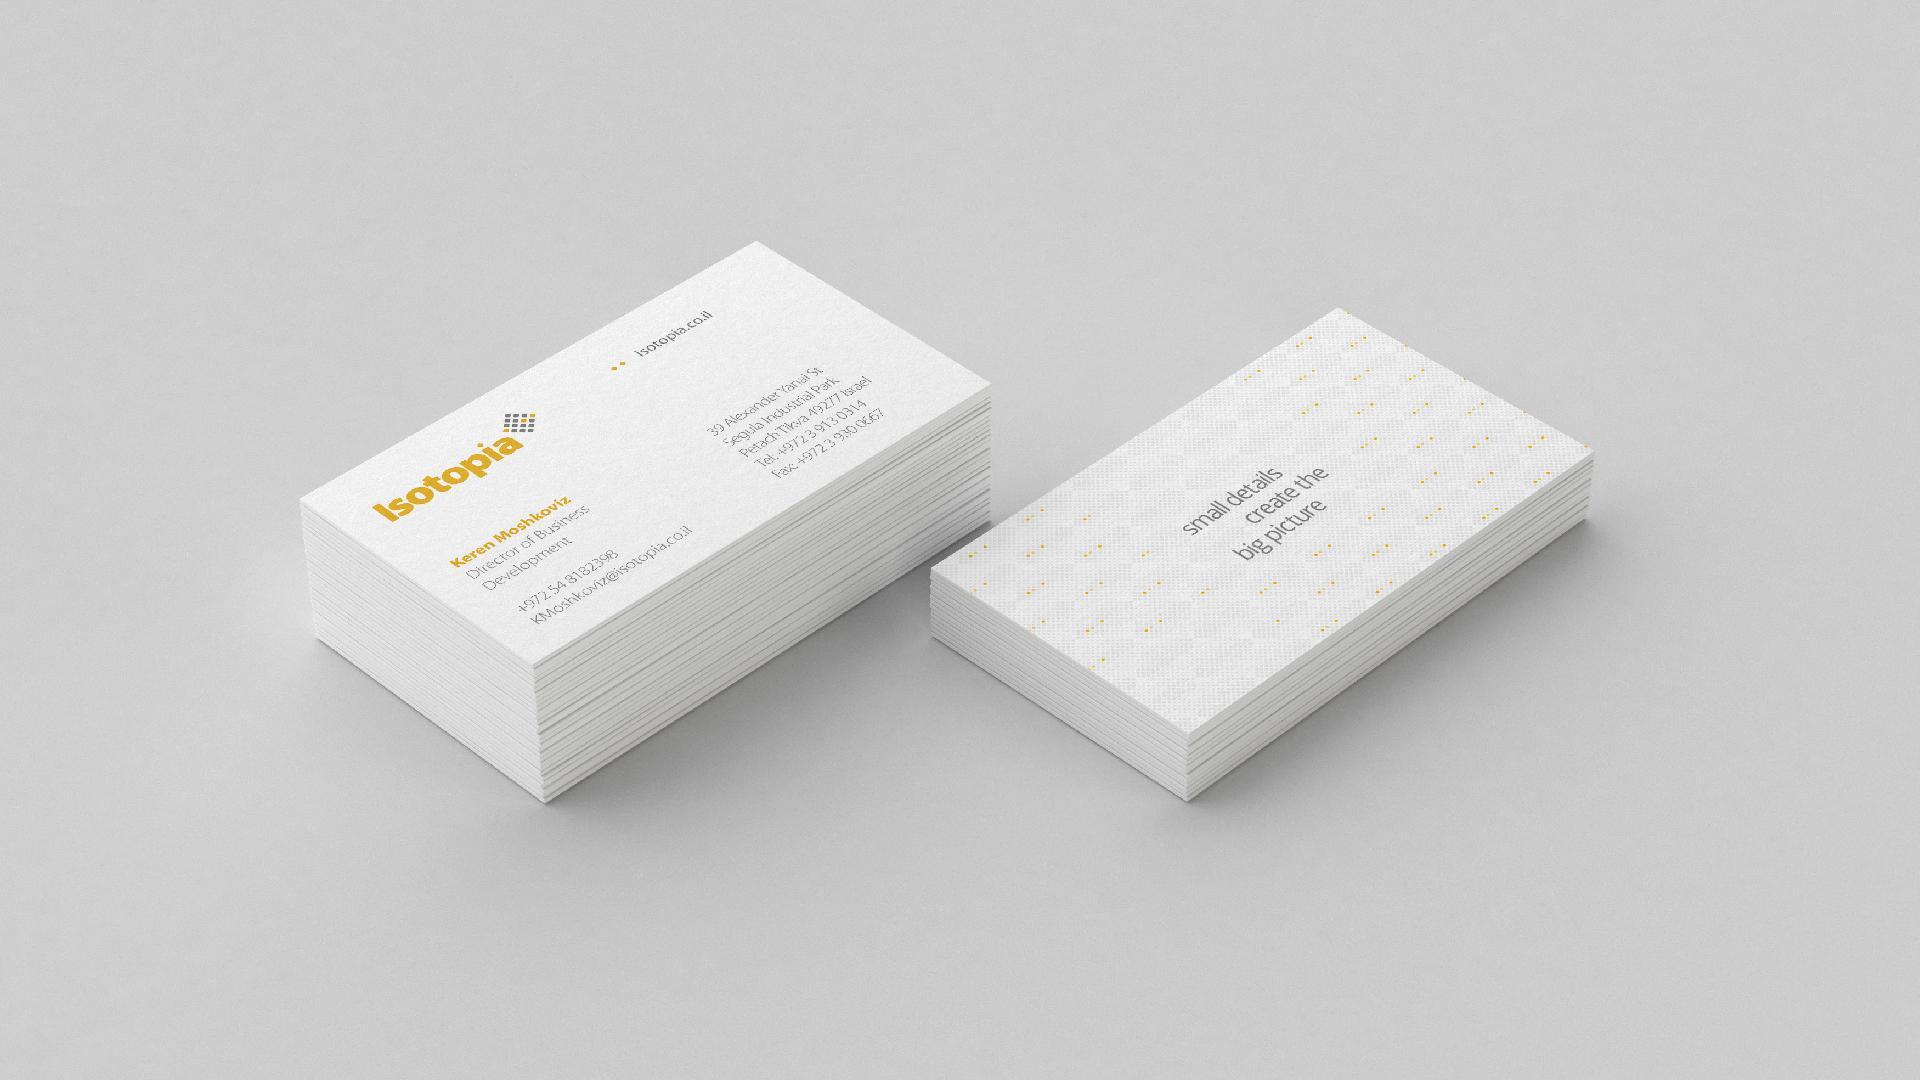 isotopia branding_2-18 copy